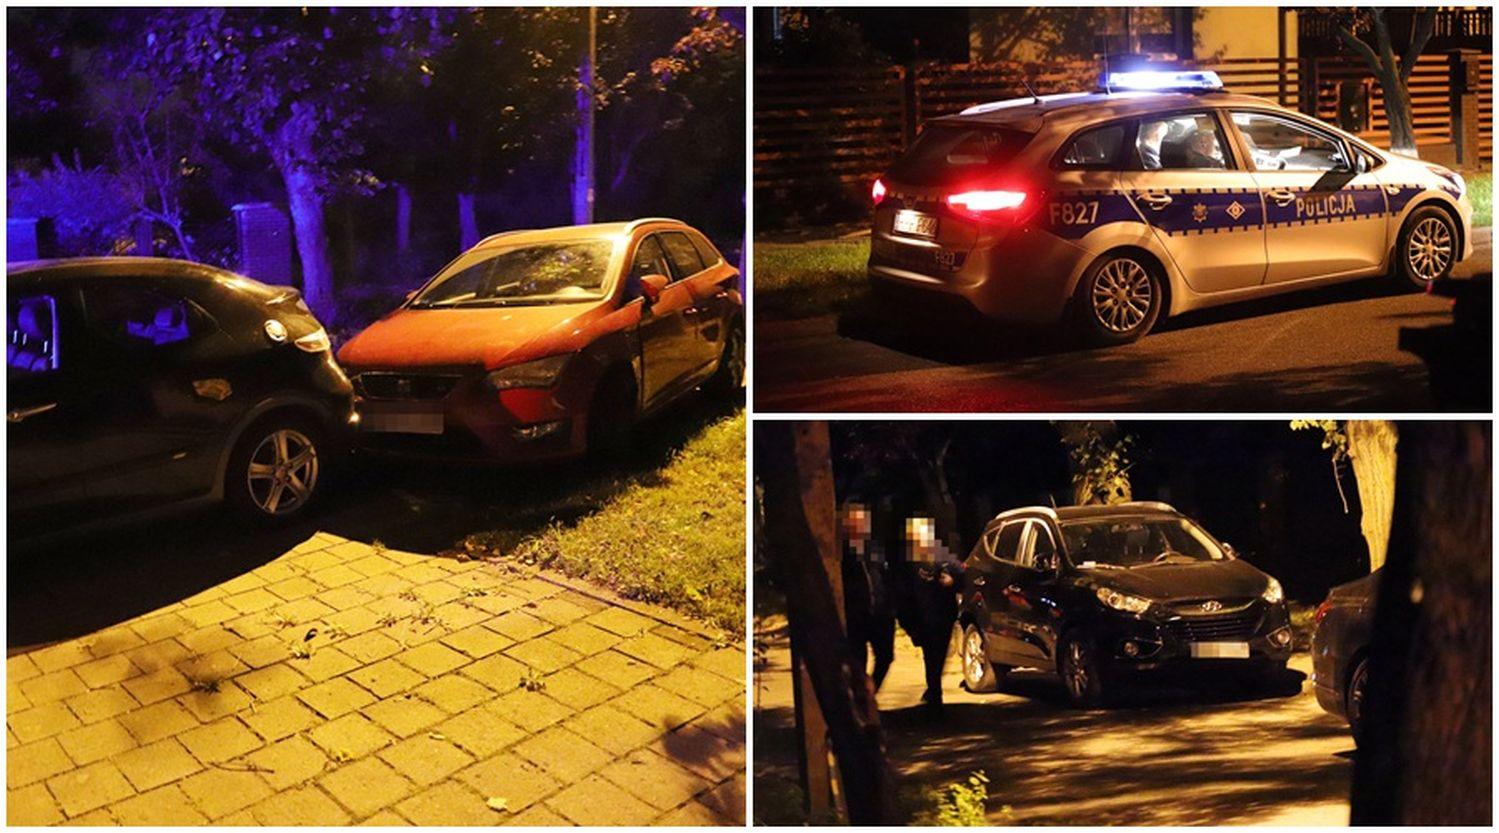 Rozbił samochody zaparkowane w centrum Kutna. Na miejscu policja [ZDJĘCIA] - Zdjęcie główne